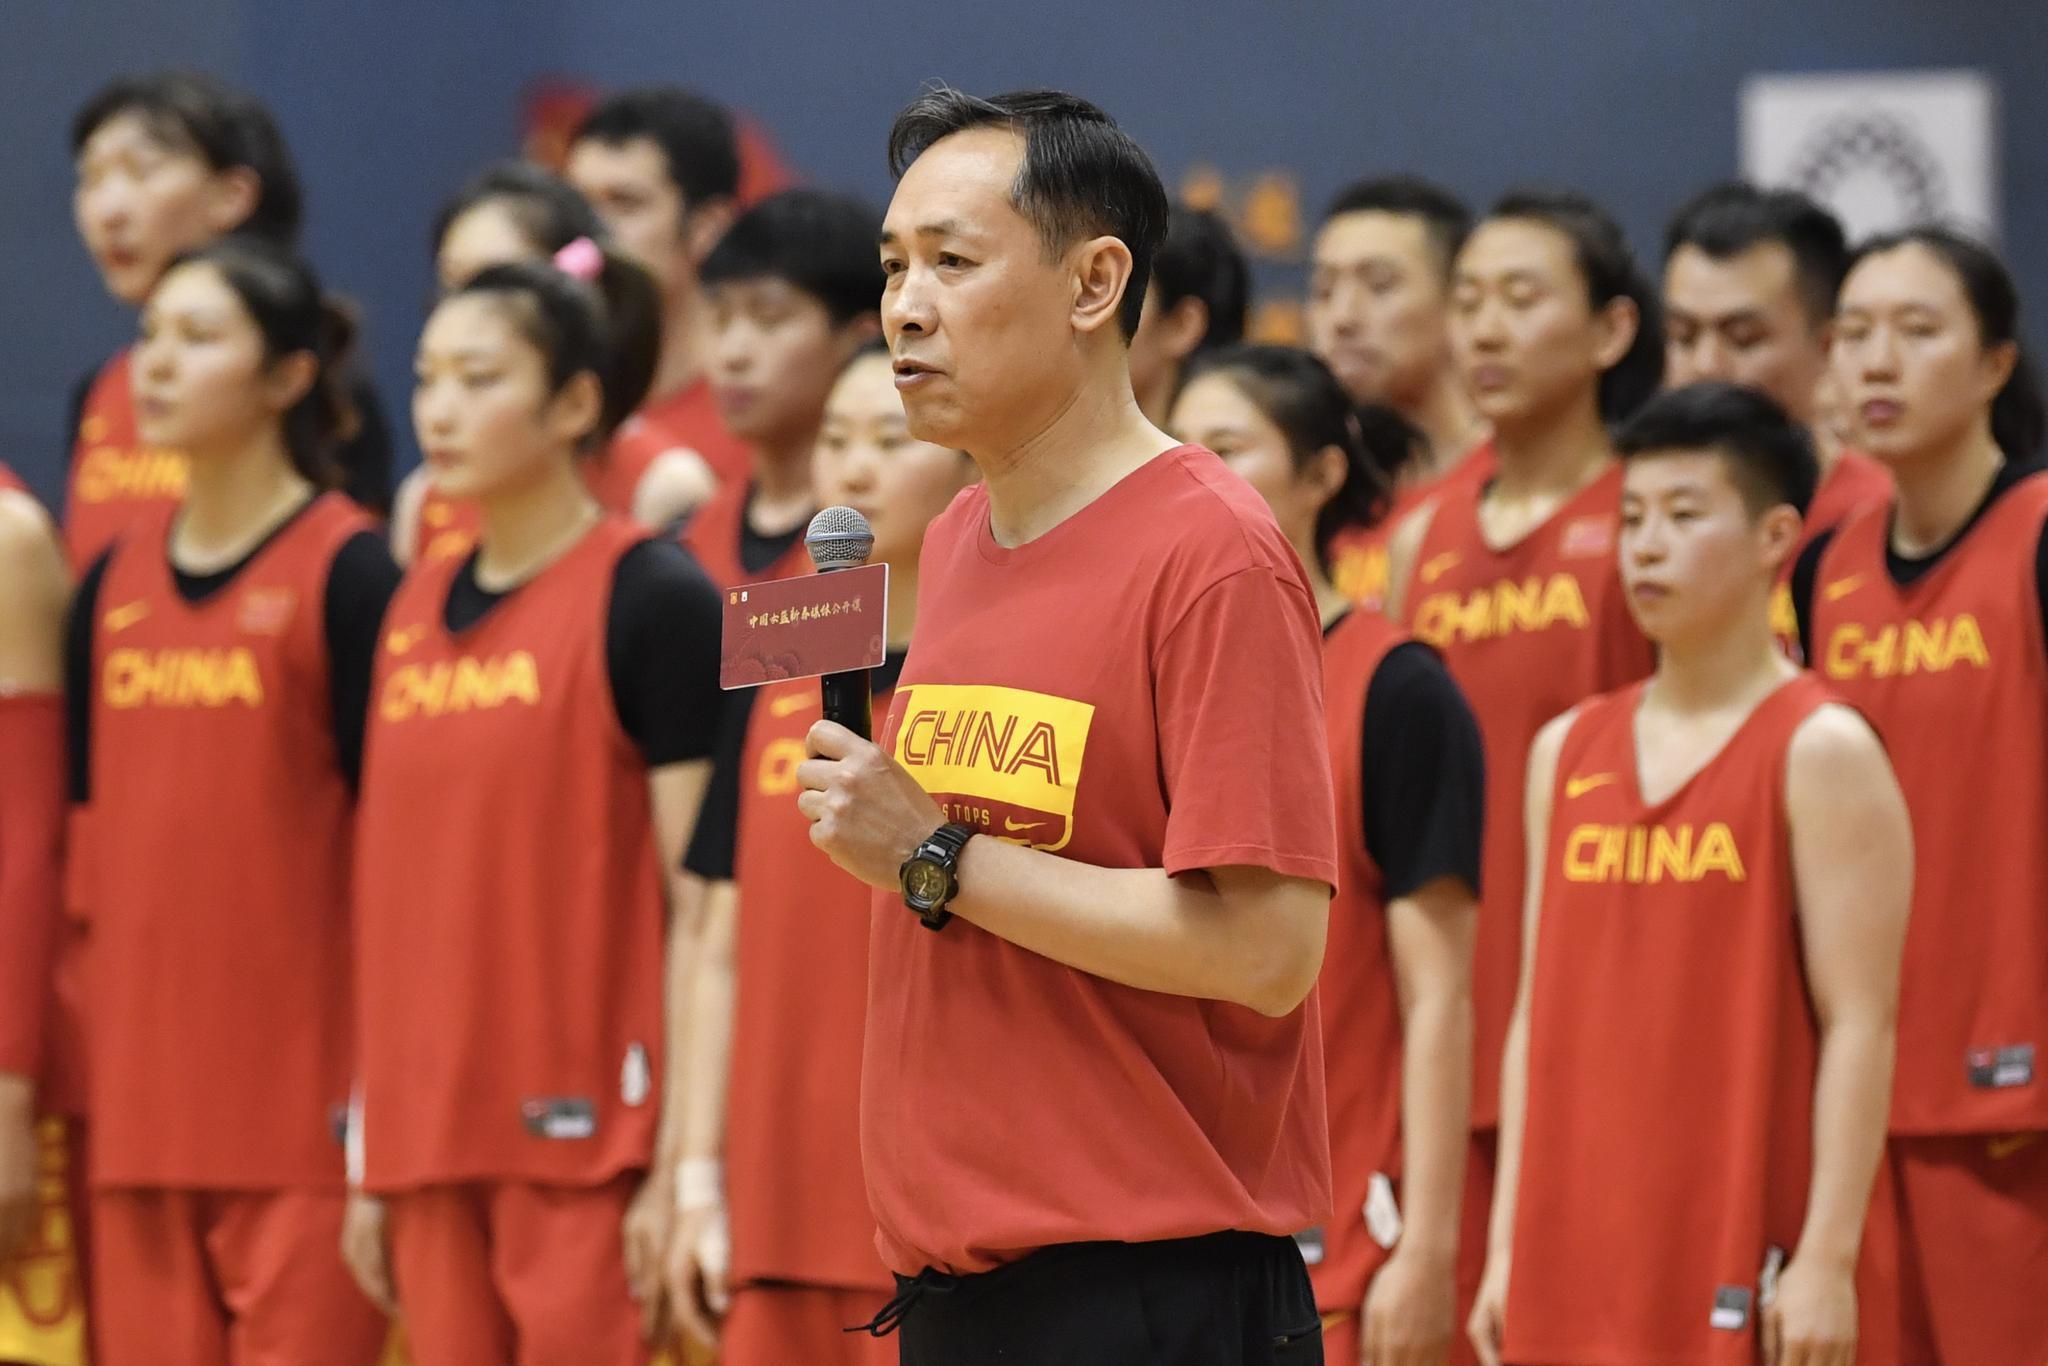 中国女篮主教练撂狠话,打奥运资格赛不依赖主场优势